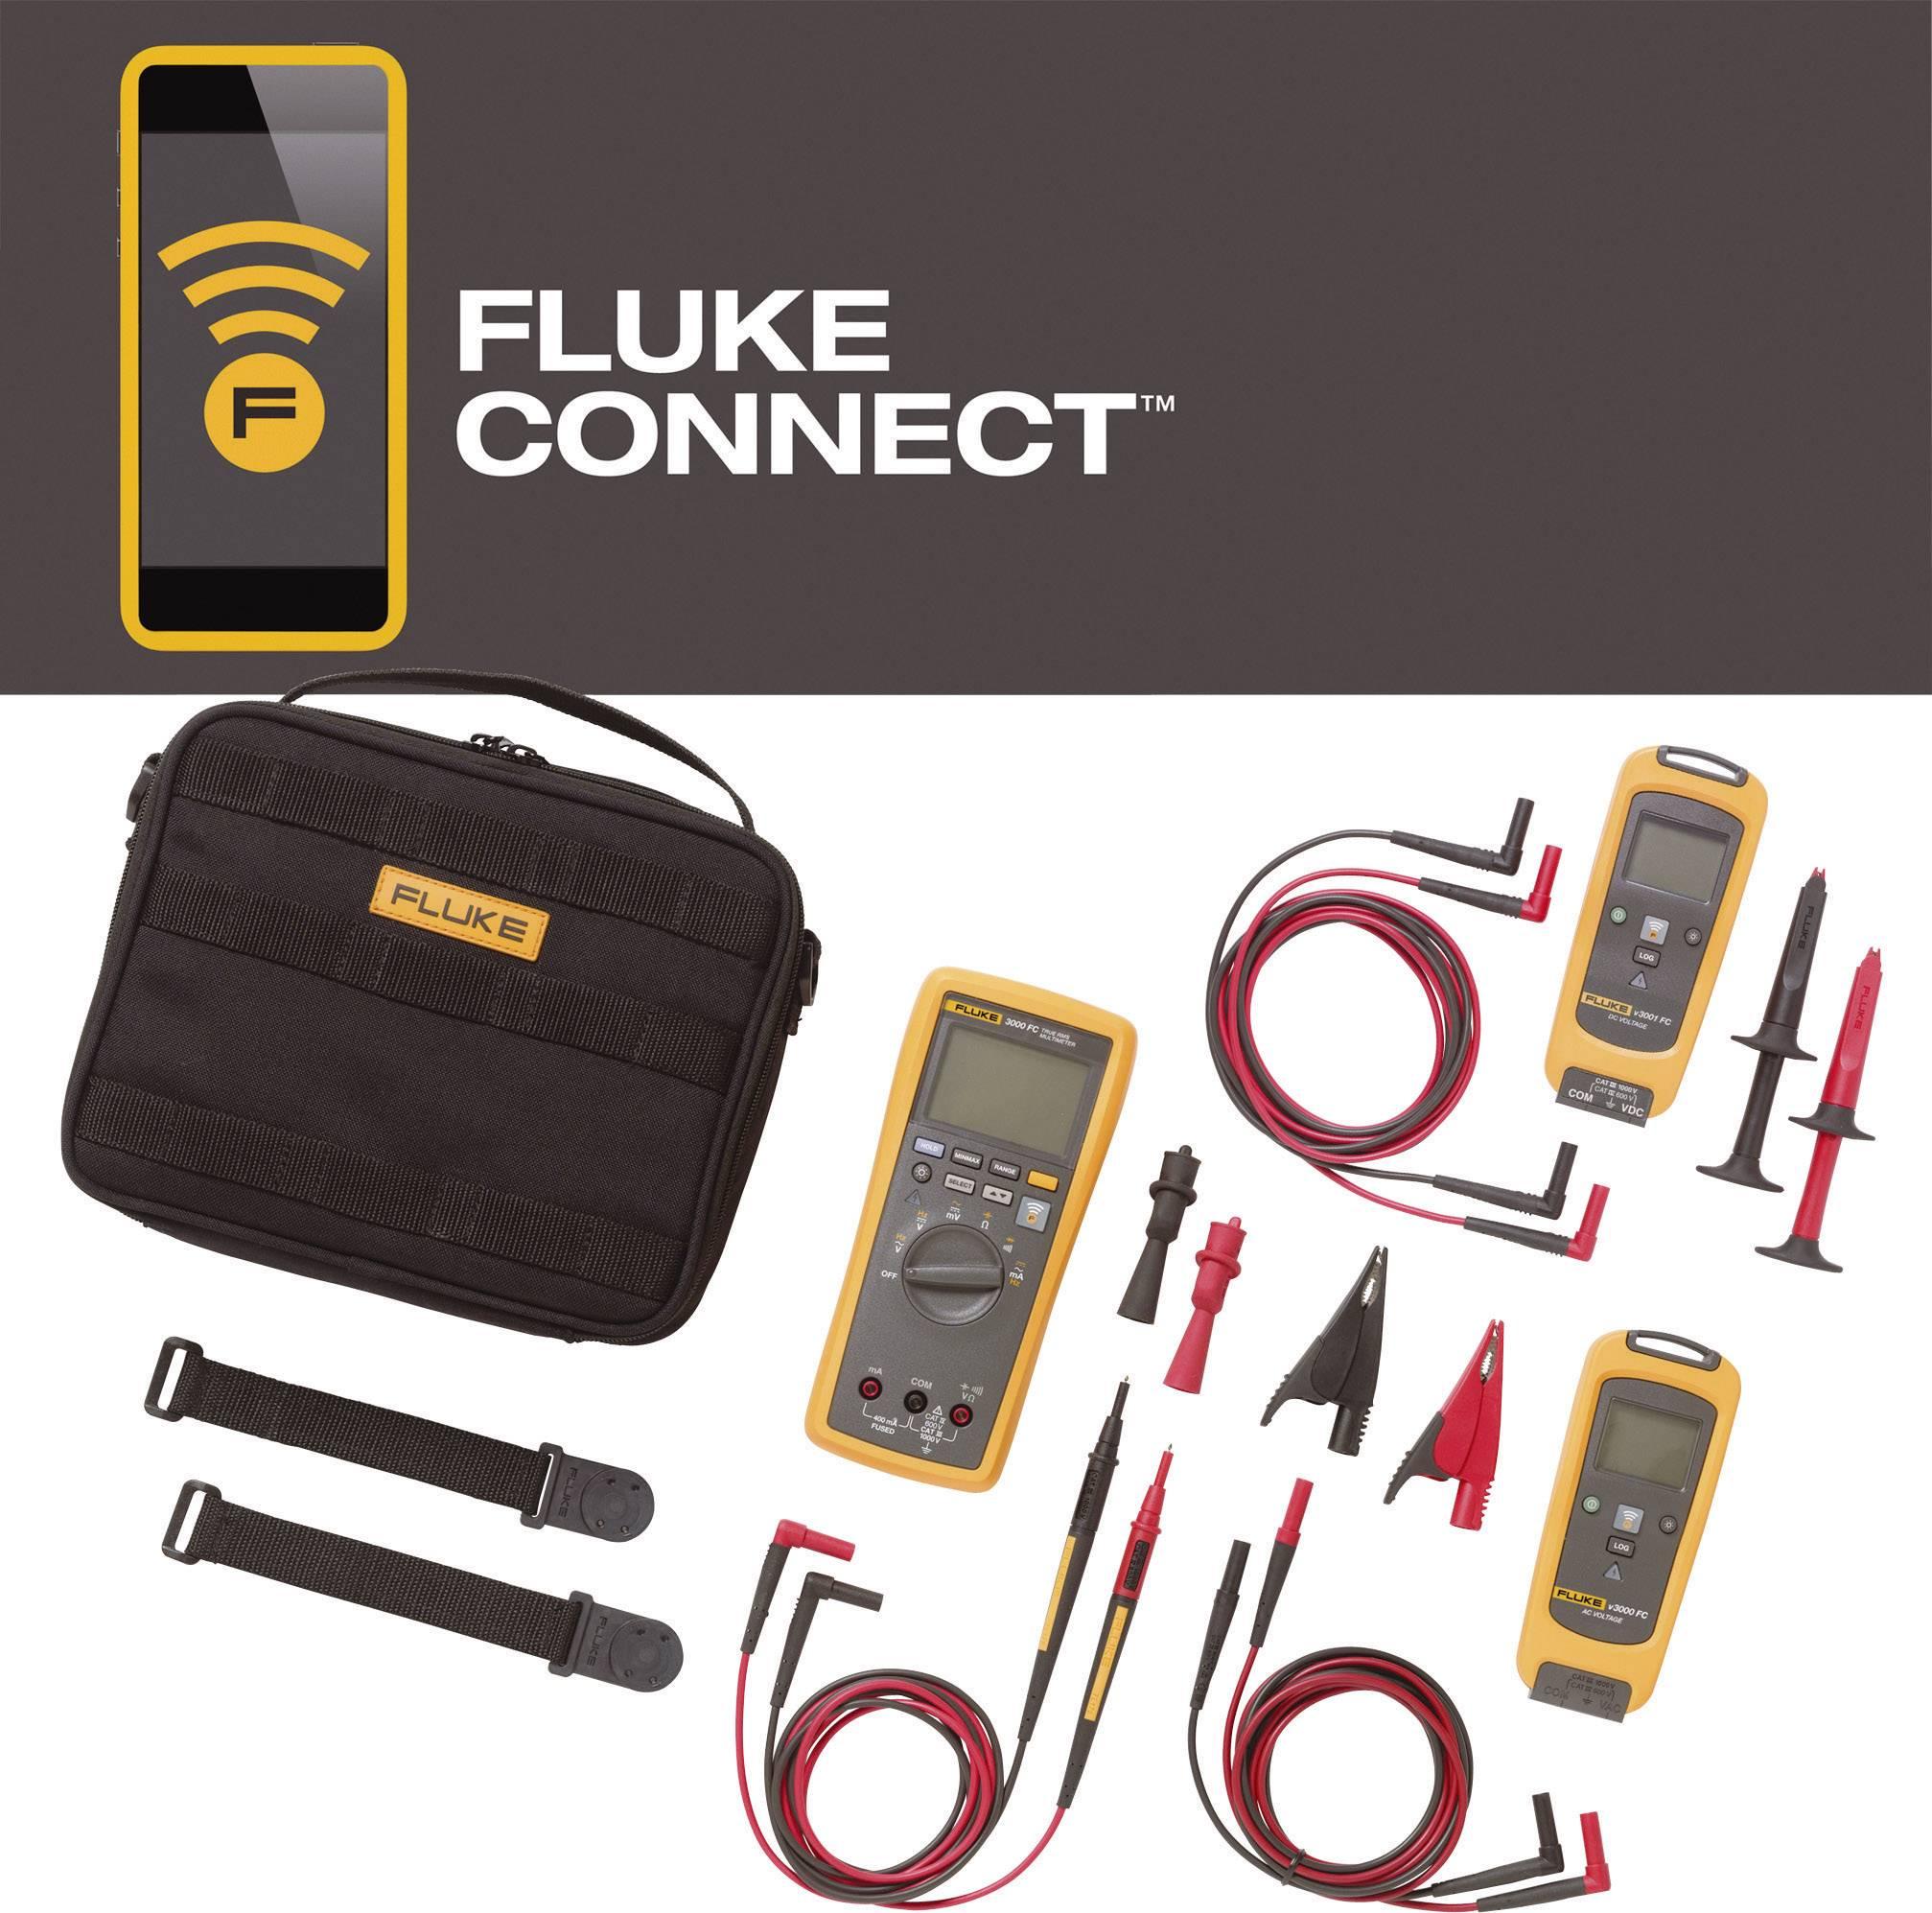 Sada pro bezdrátové měření nepětí Fluke FLK-V3003 FC KIT, Fluke Connect, 4467789